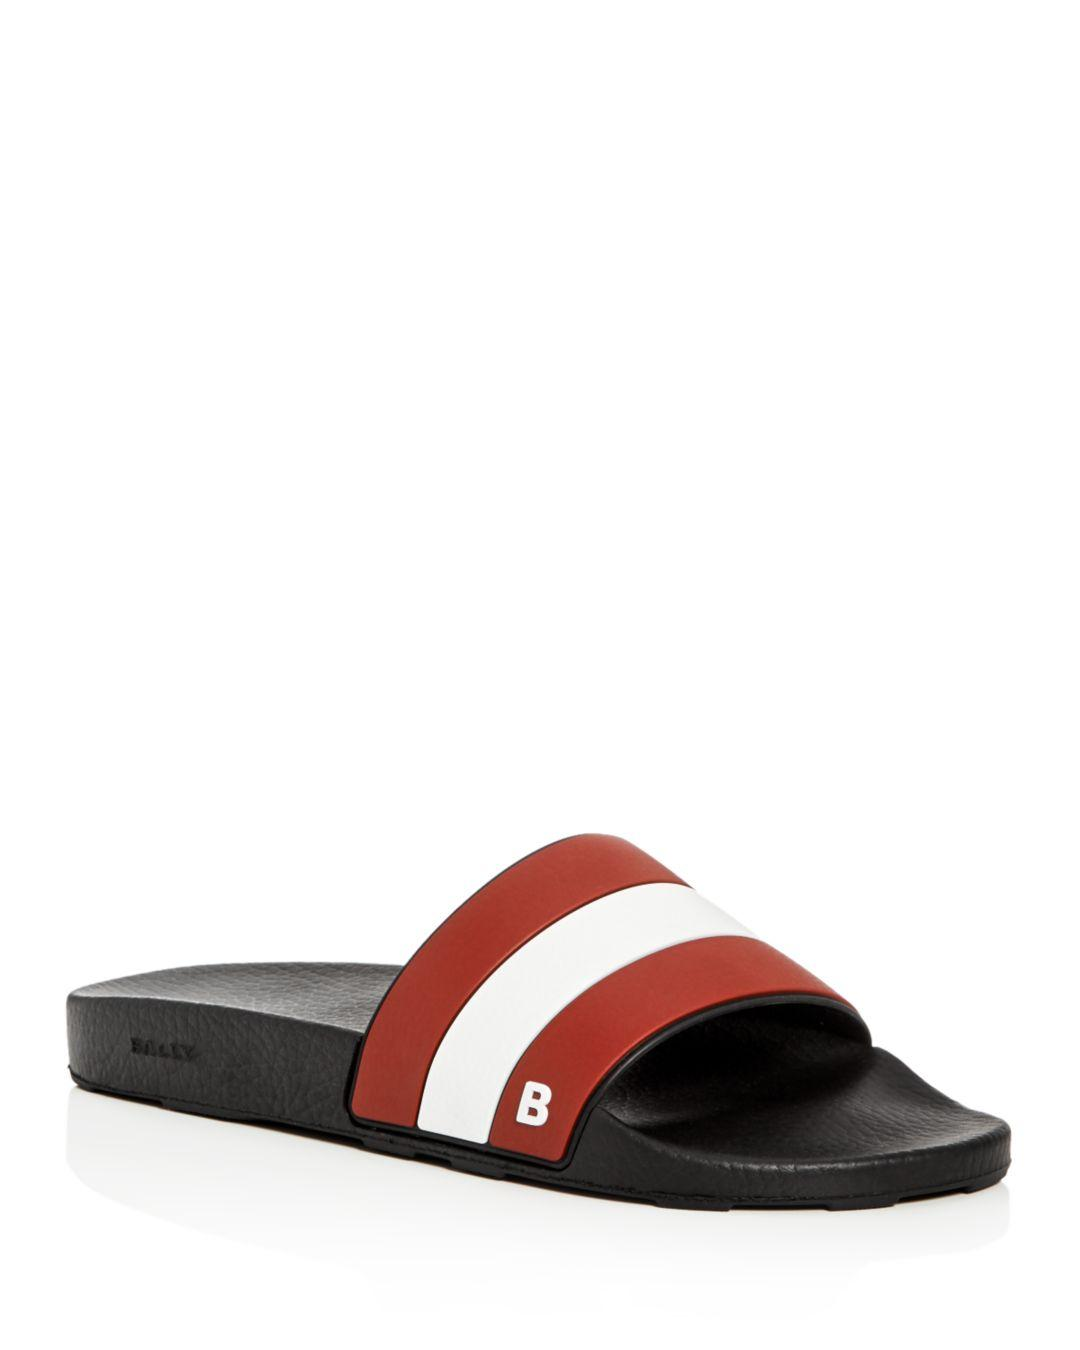 e328c1fe8e6c Lyst - Bally Men s Sleter Pool Slide Sandals in Red for Men